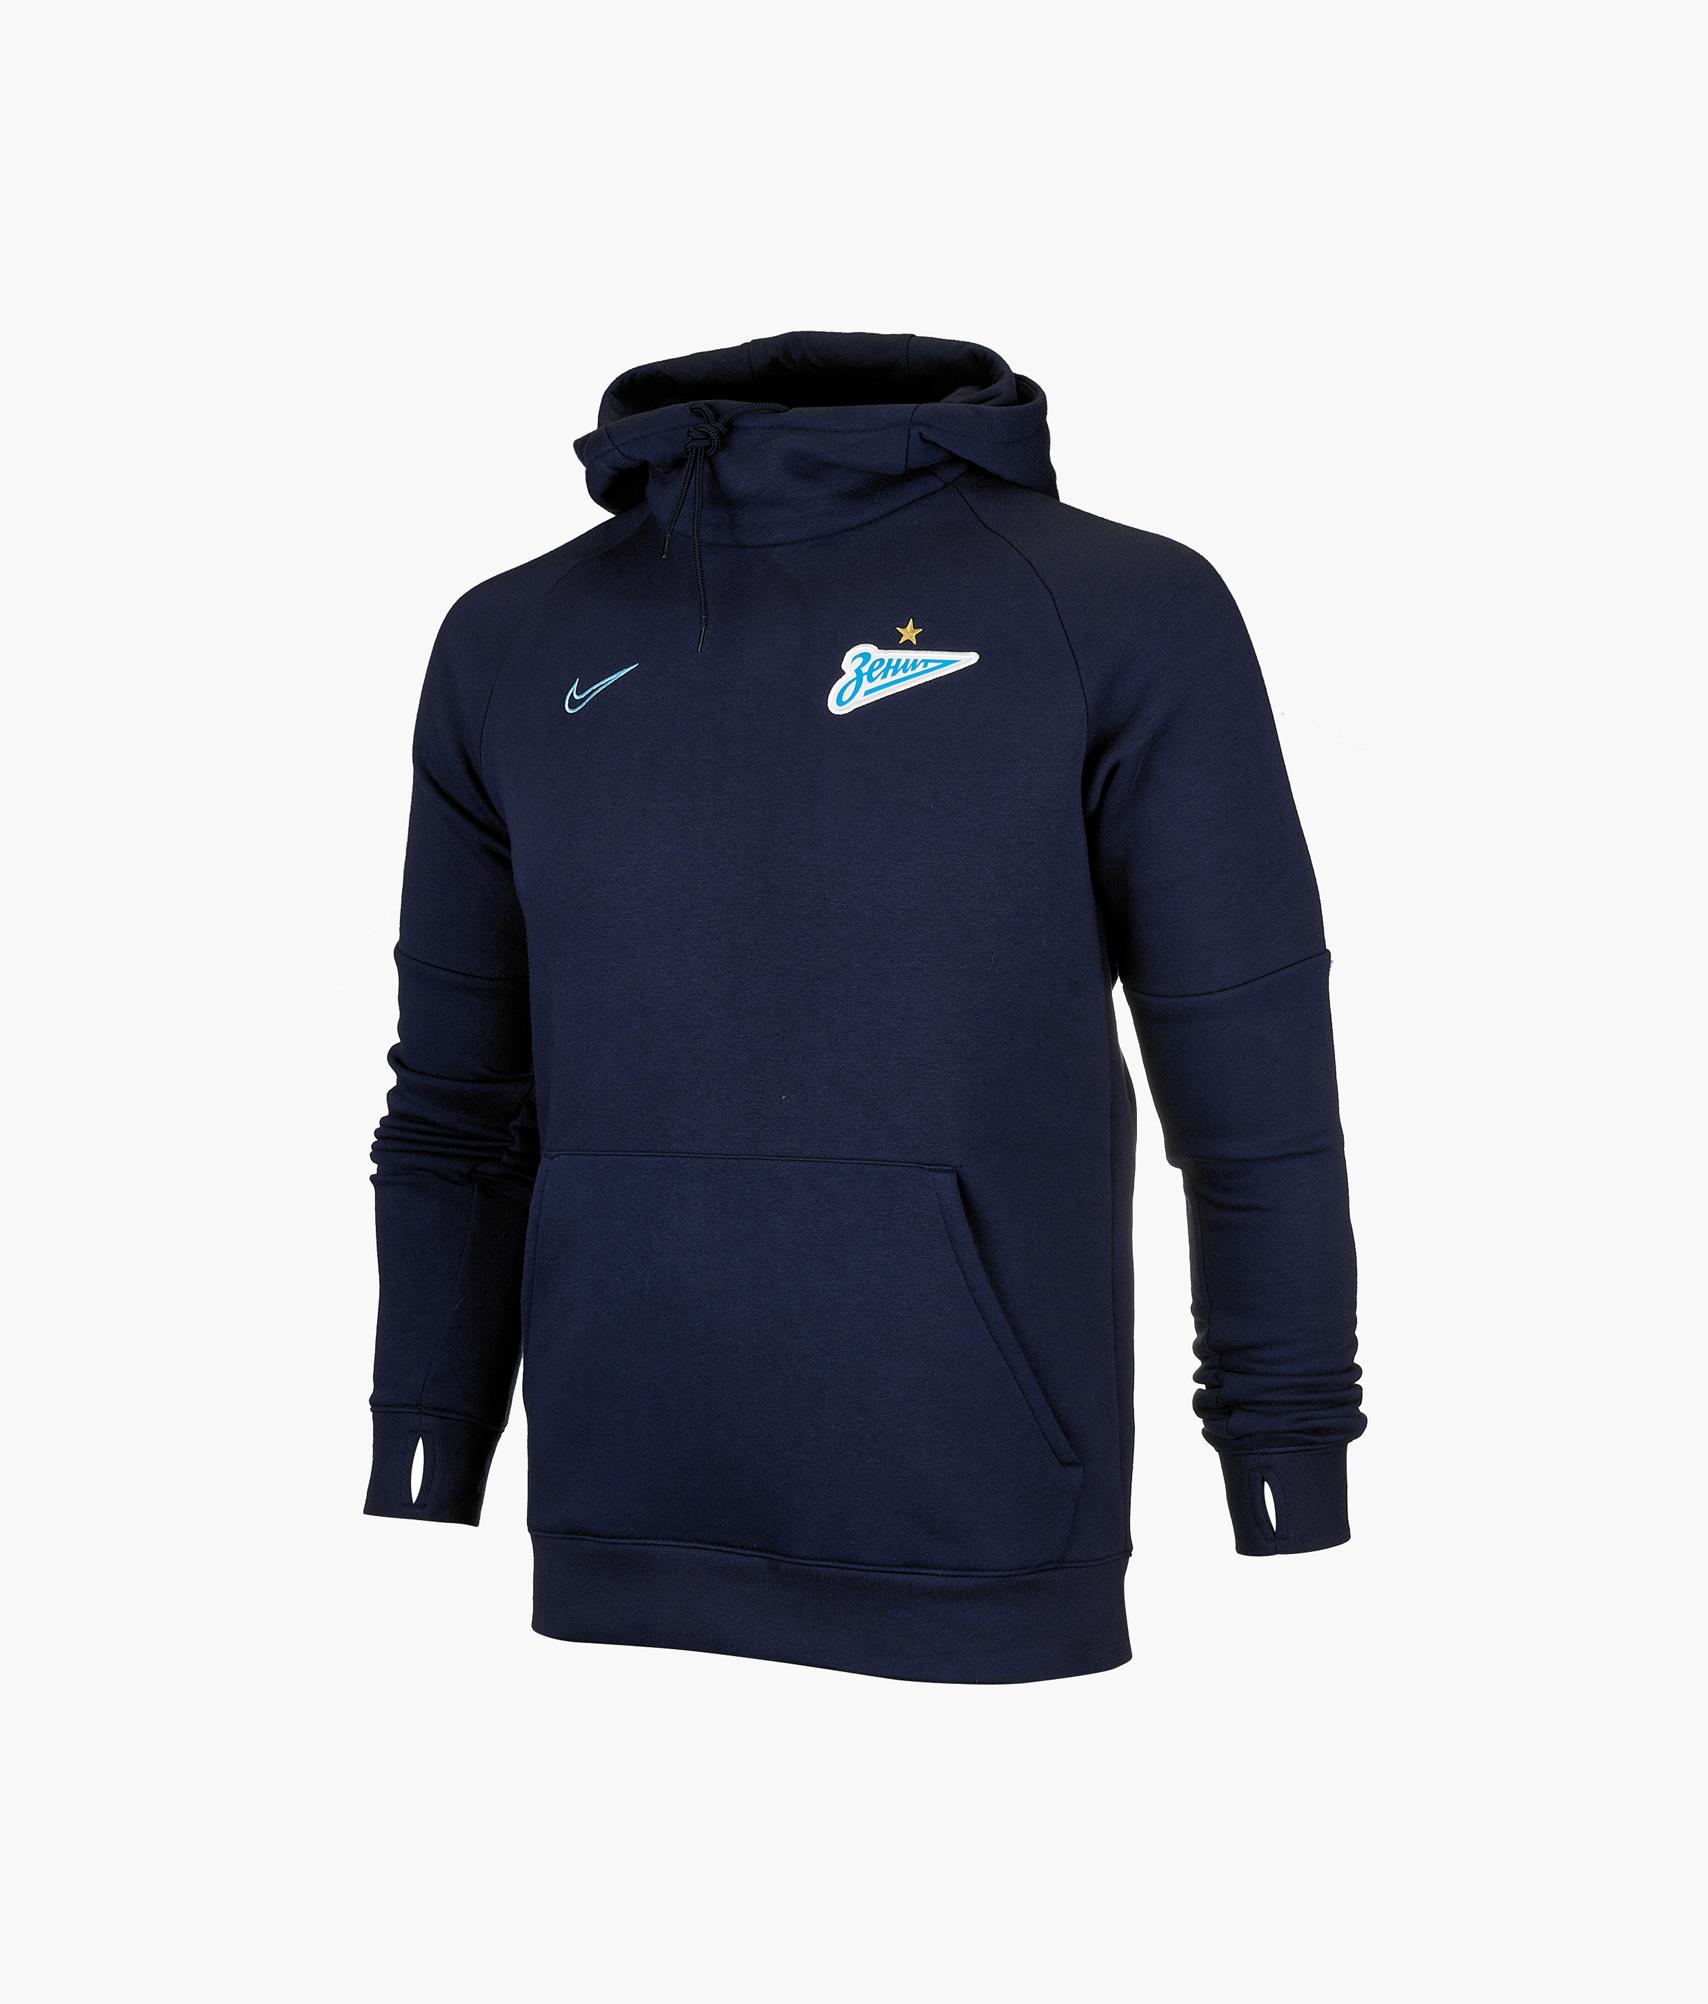 Толстовка Nike Zenit 2019/20 Nike Цвет-Темно-Синий цена 2017